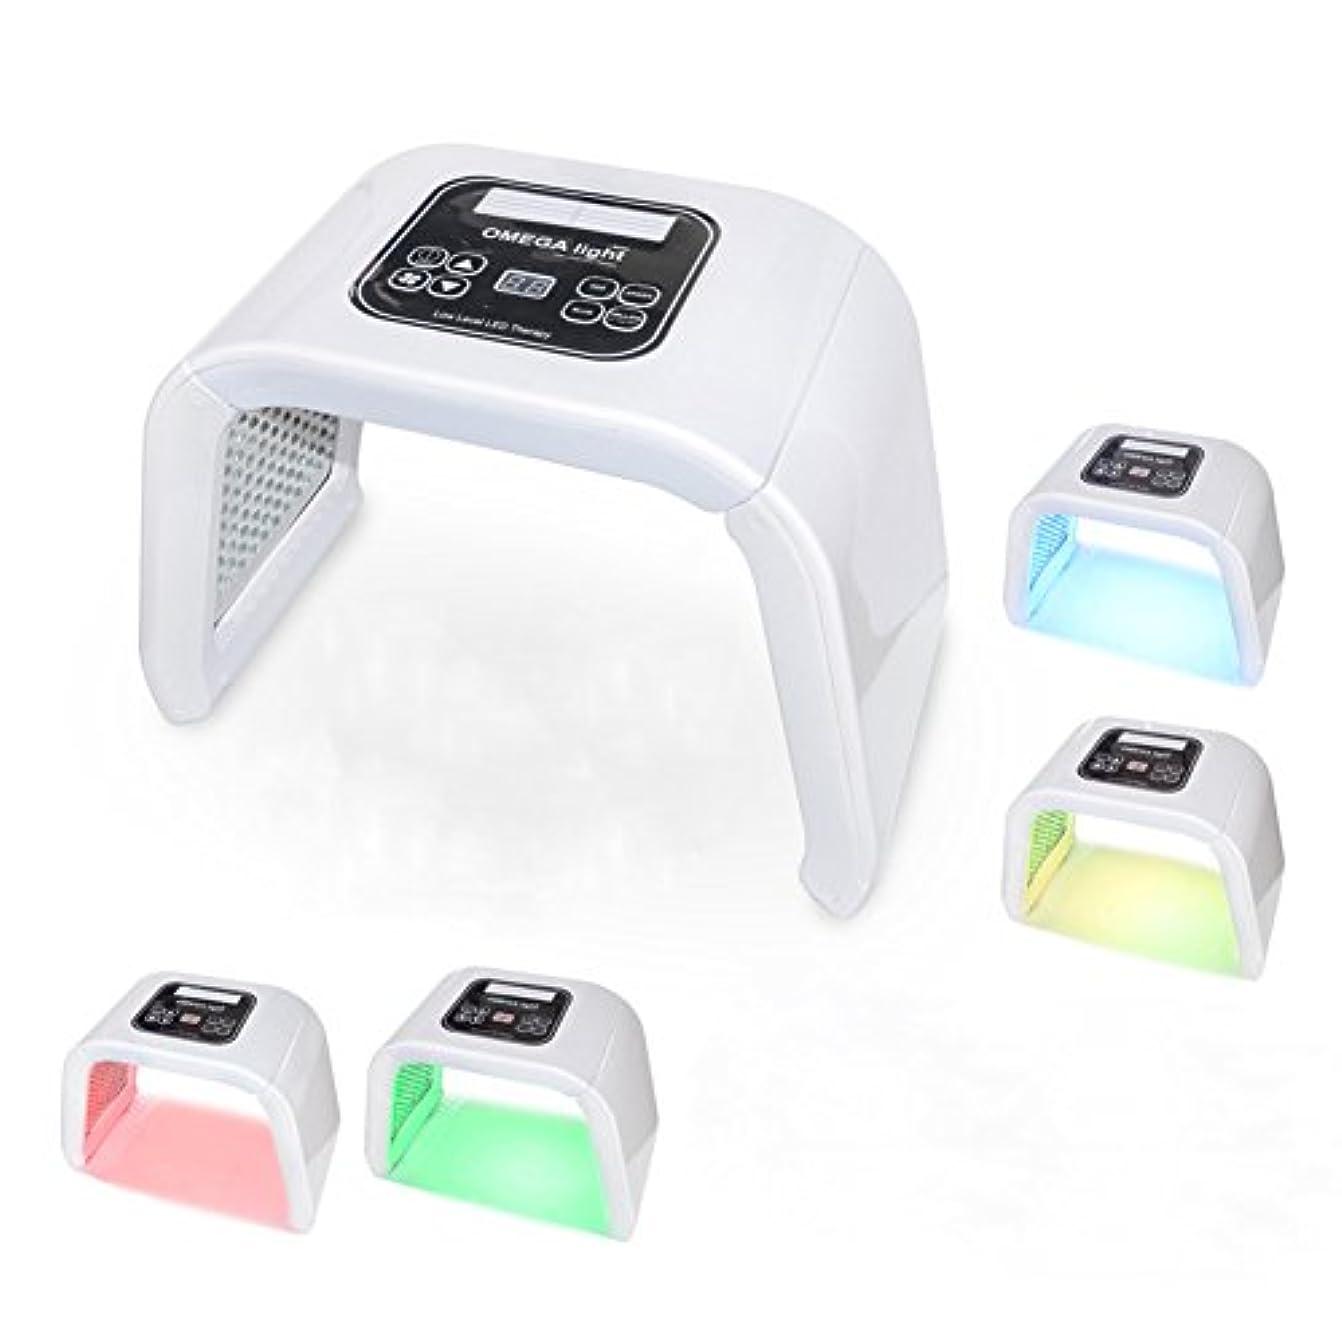 蓄積する偶然の反論者にきびの皮の若返りの美装置を白くする光子療法機械LED 4色,White